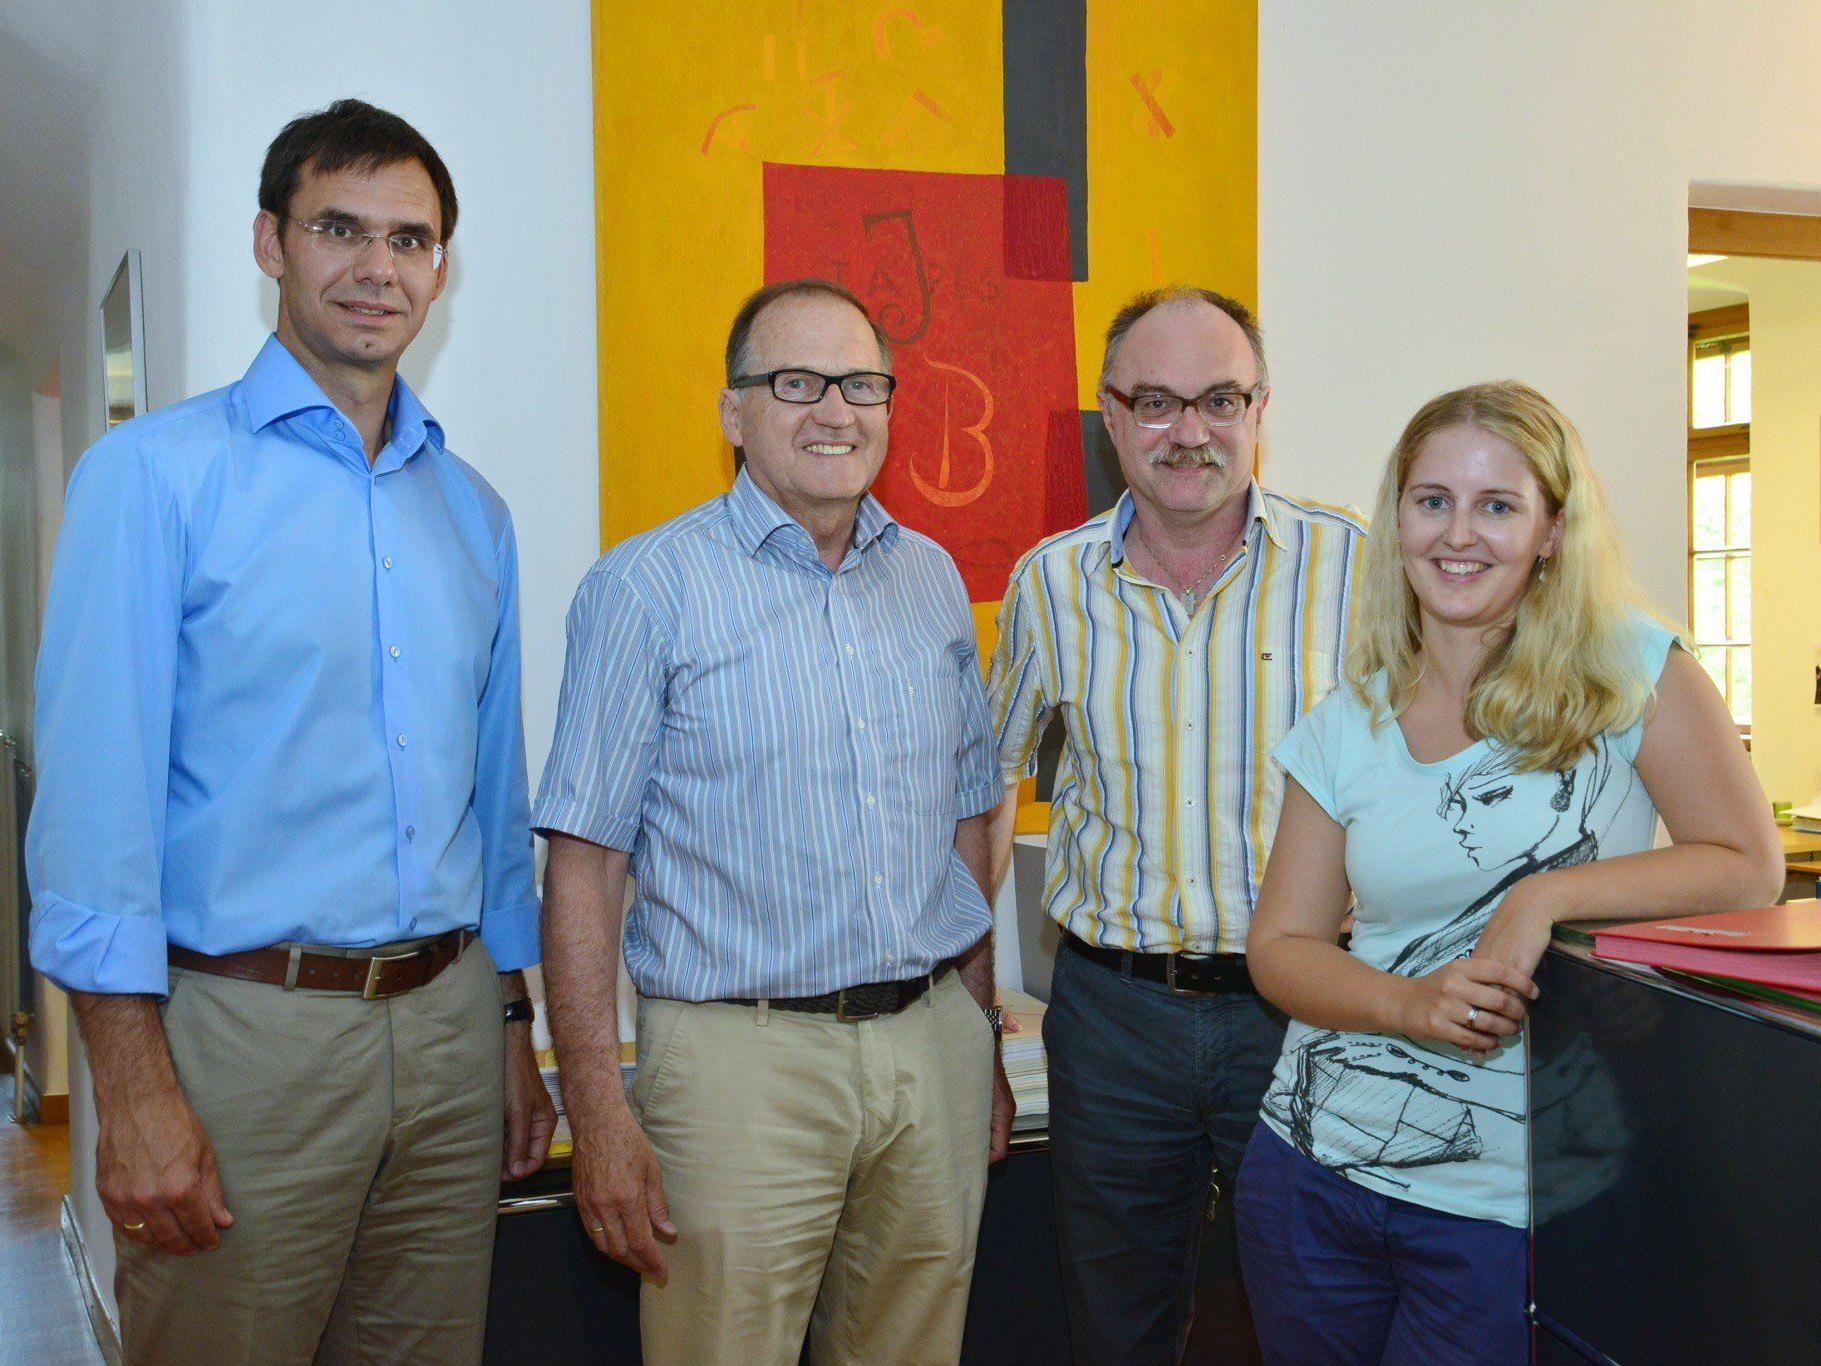 LH Wallner zu Besuch im Vorderland: Das Gemeindeamt von Sulz ist Sitz der Baurechtsverwaltung für insgesamt zwölf Gemeinden des Vorderlandes.